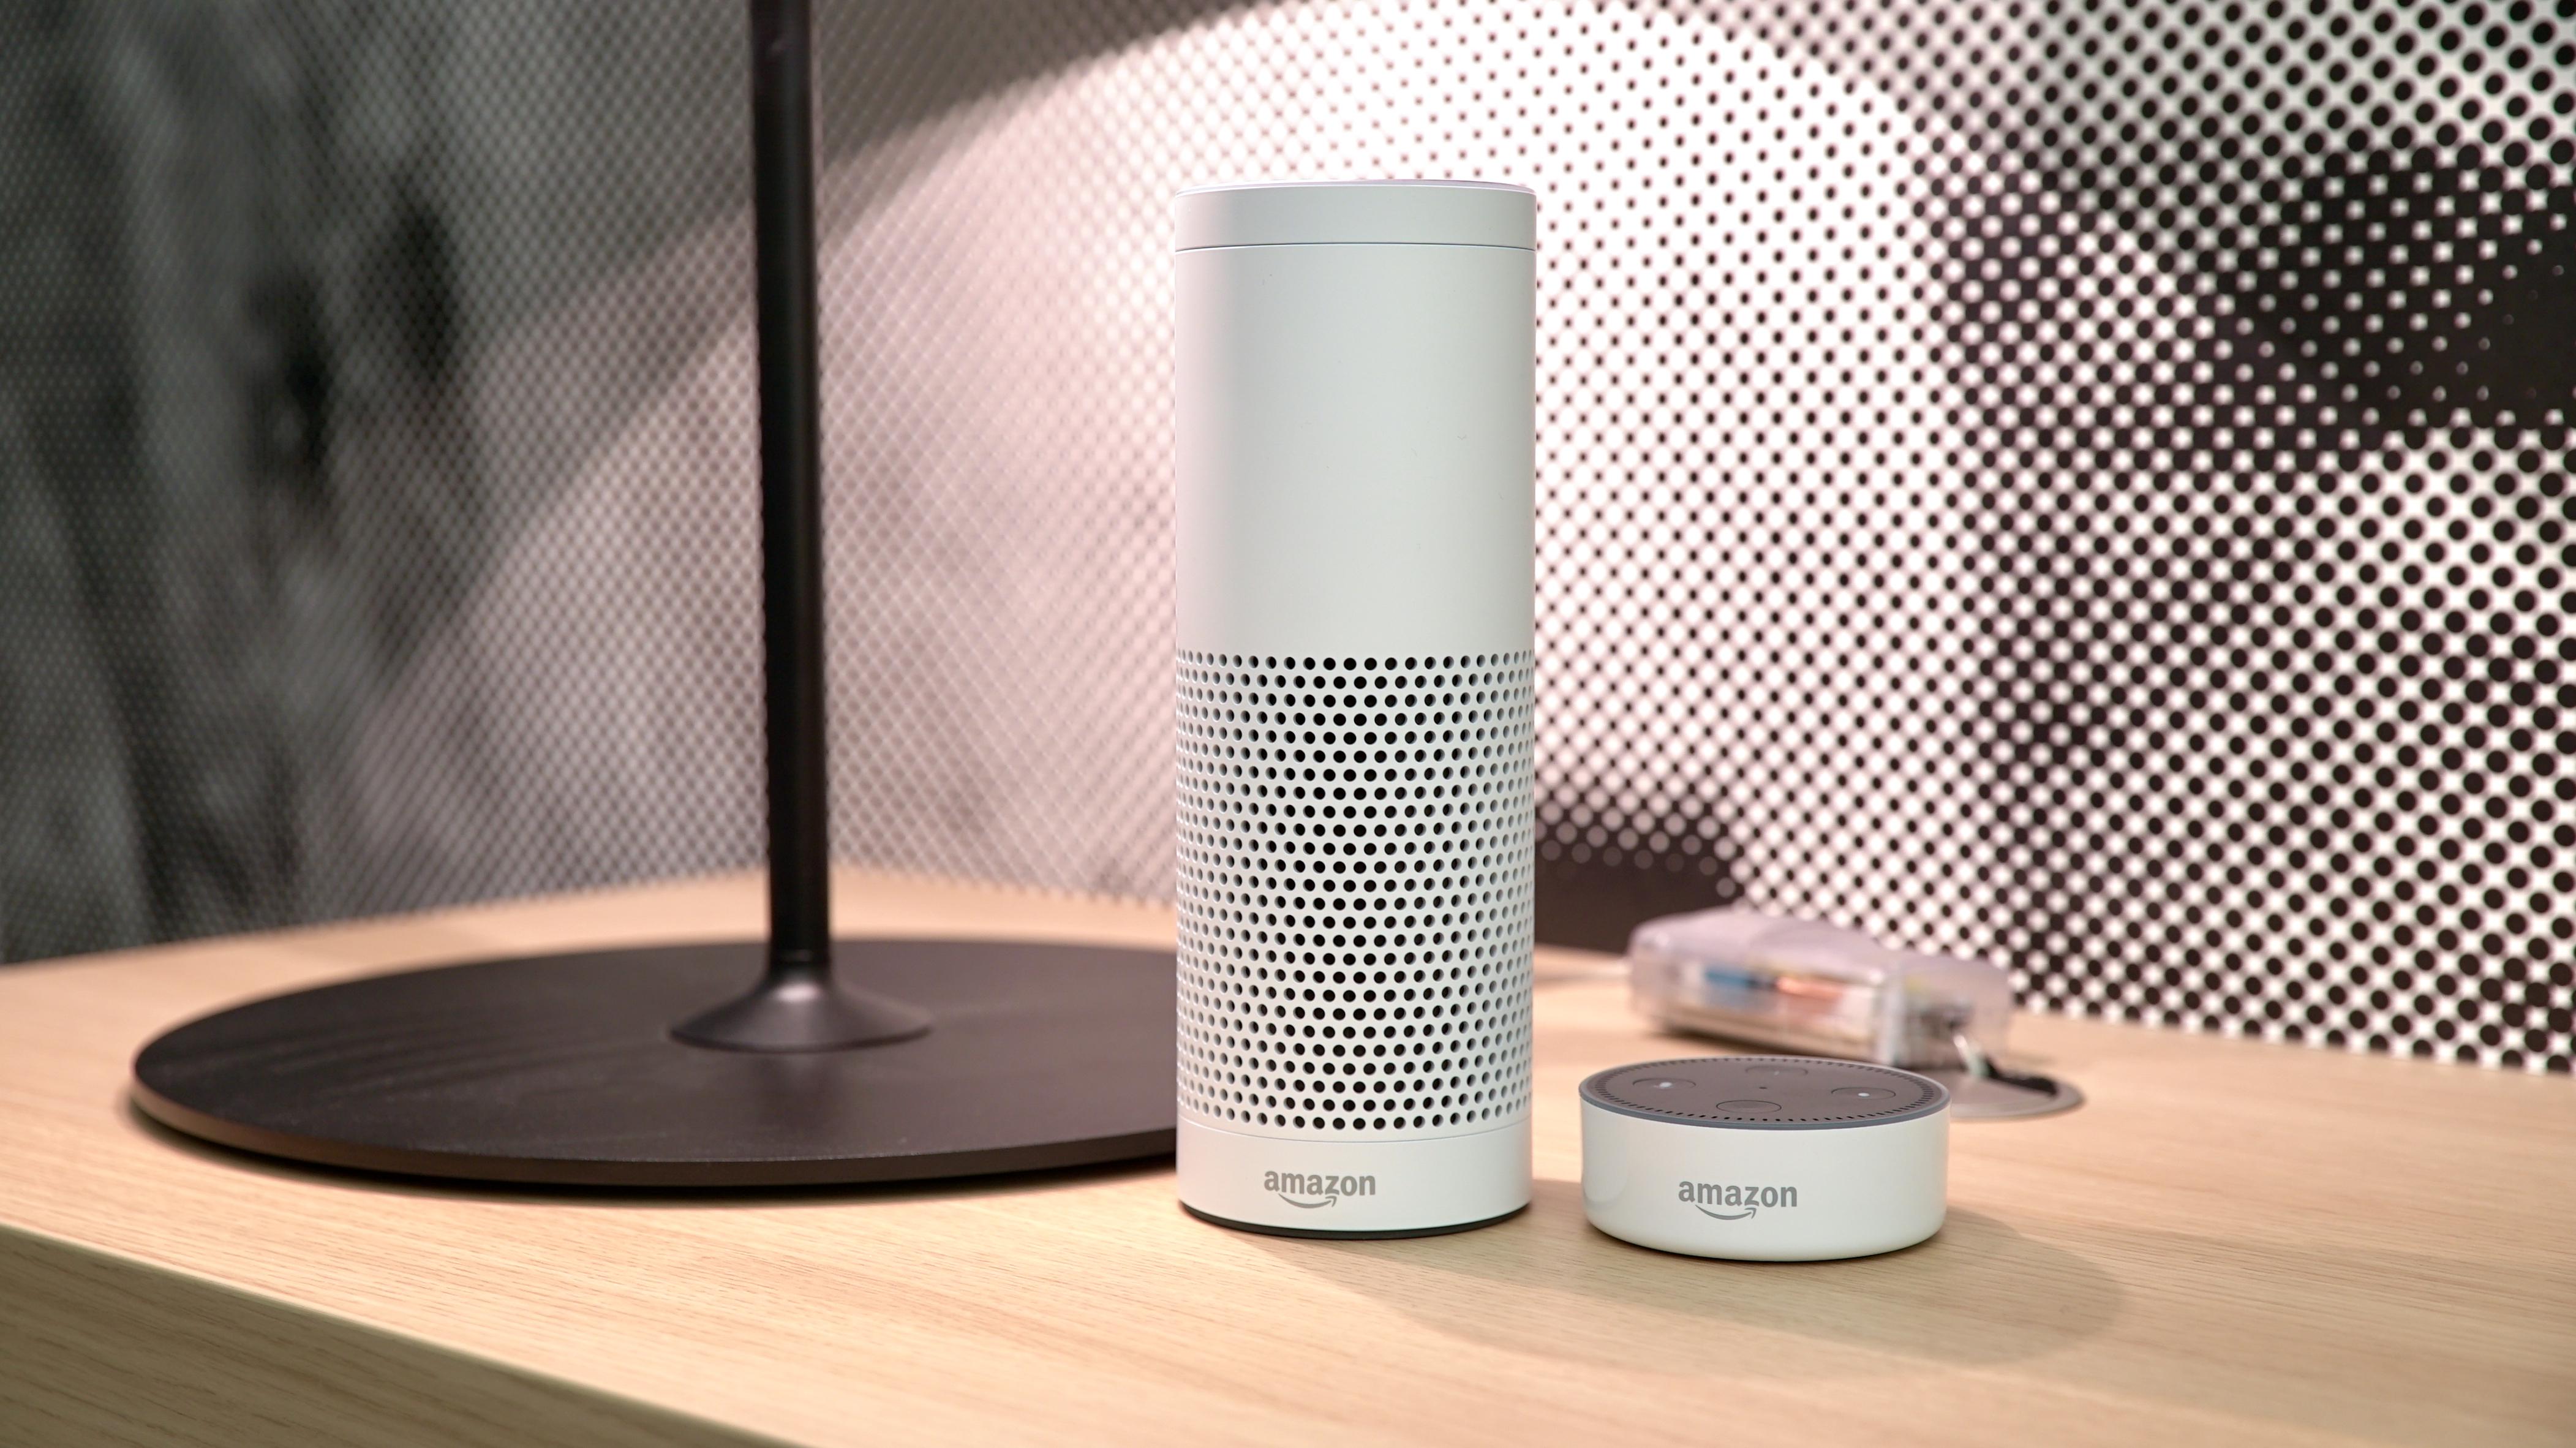 Amazon-Echo-6503 Spannende Lampen Per App Steuern Dekorationen